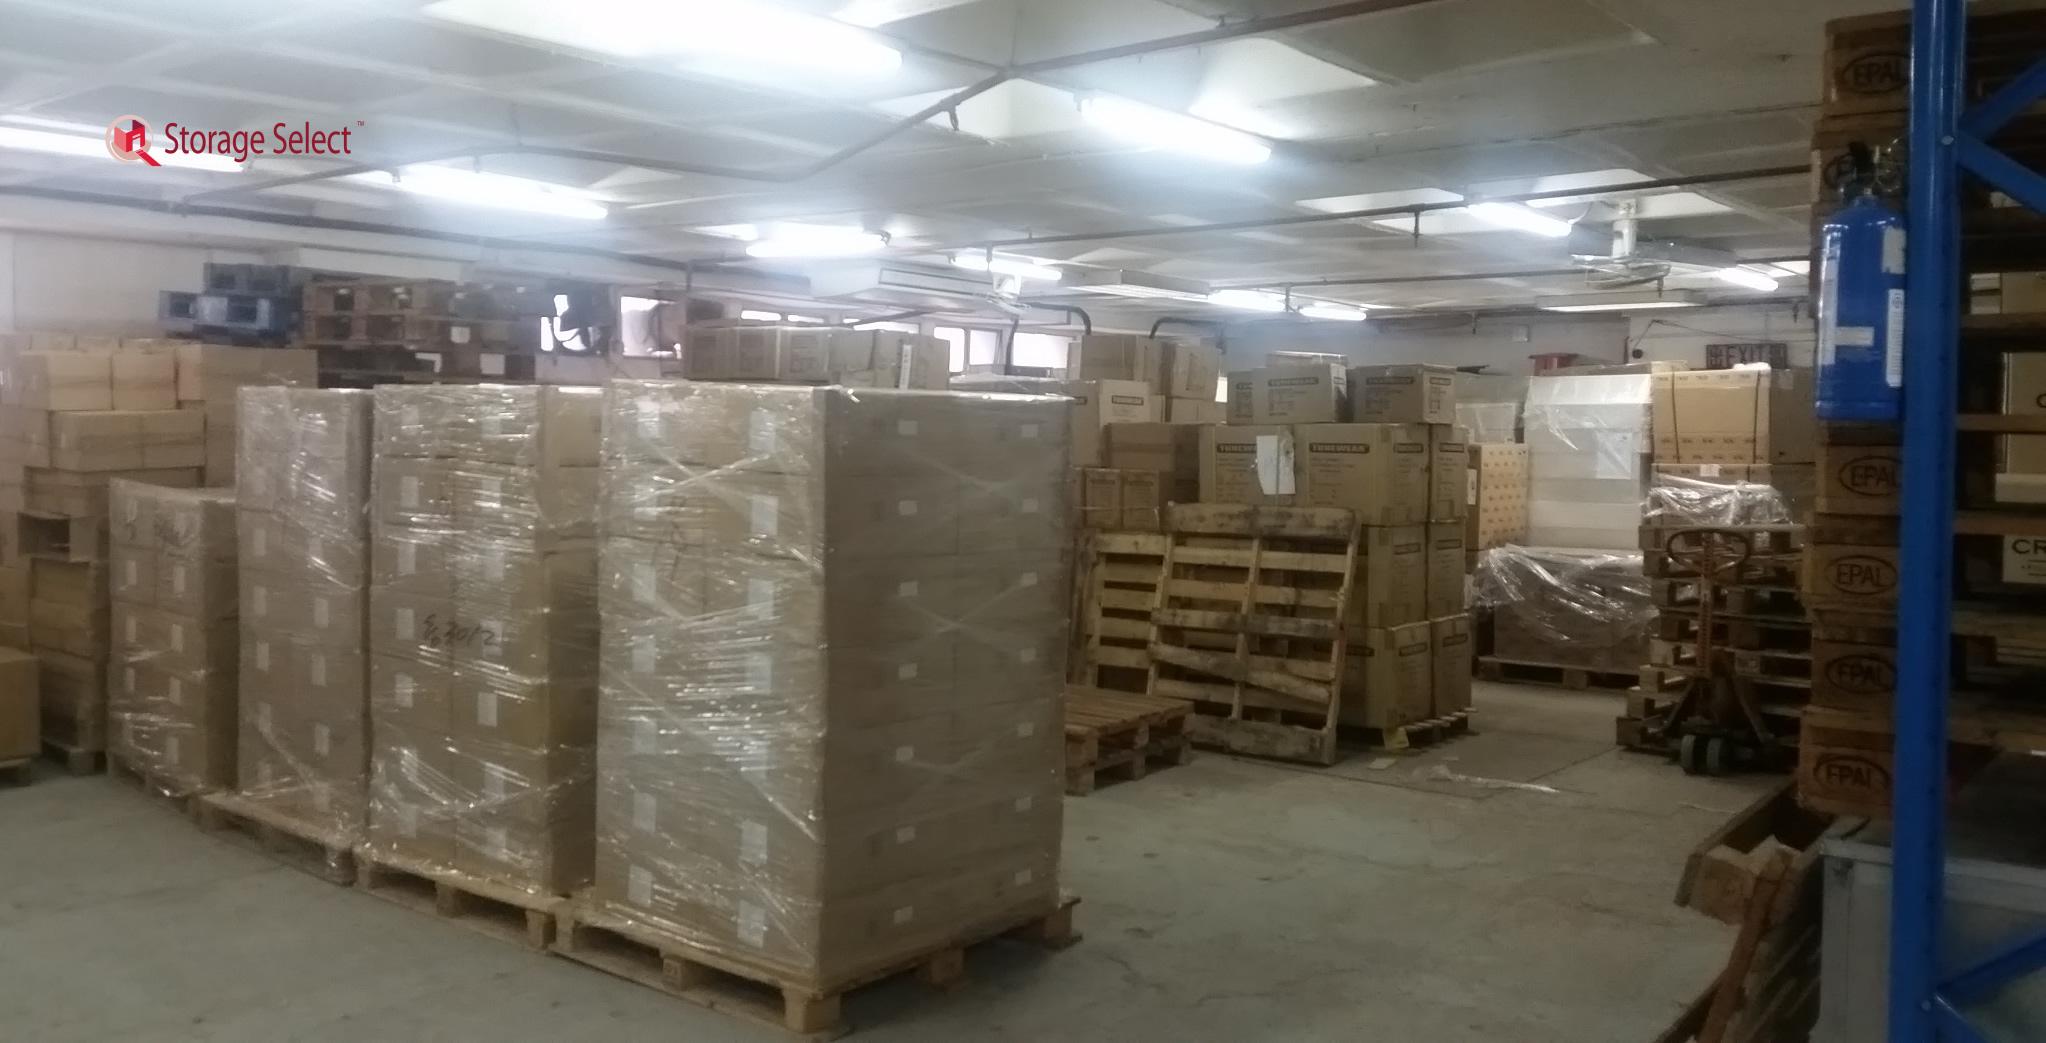 駿宏物流倉庫 特設冷凍倉及超大物流倉